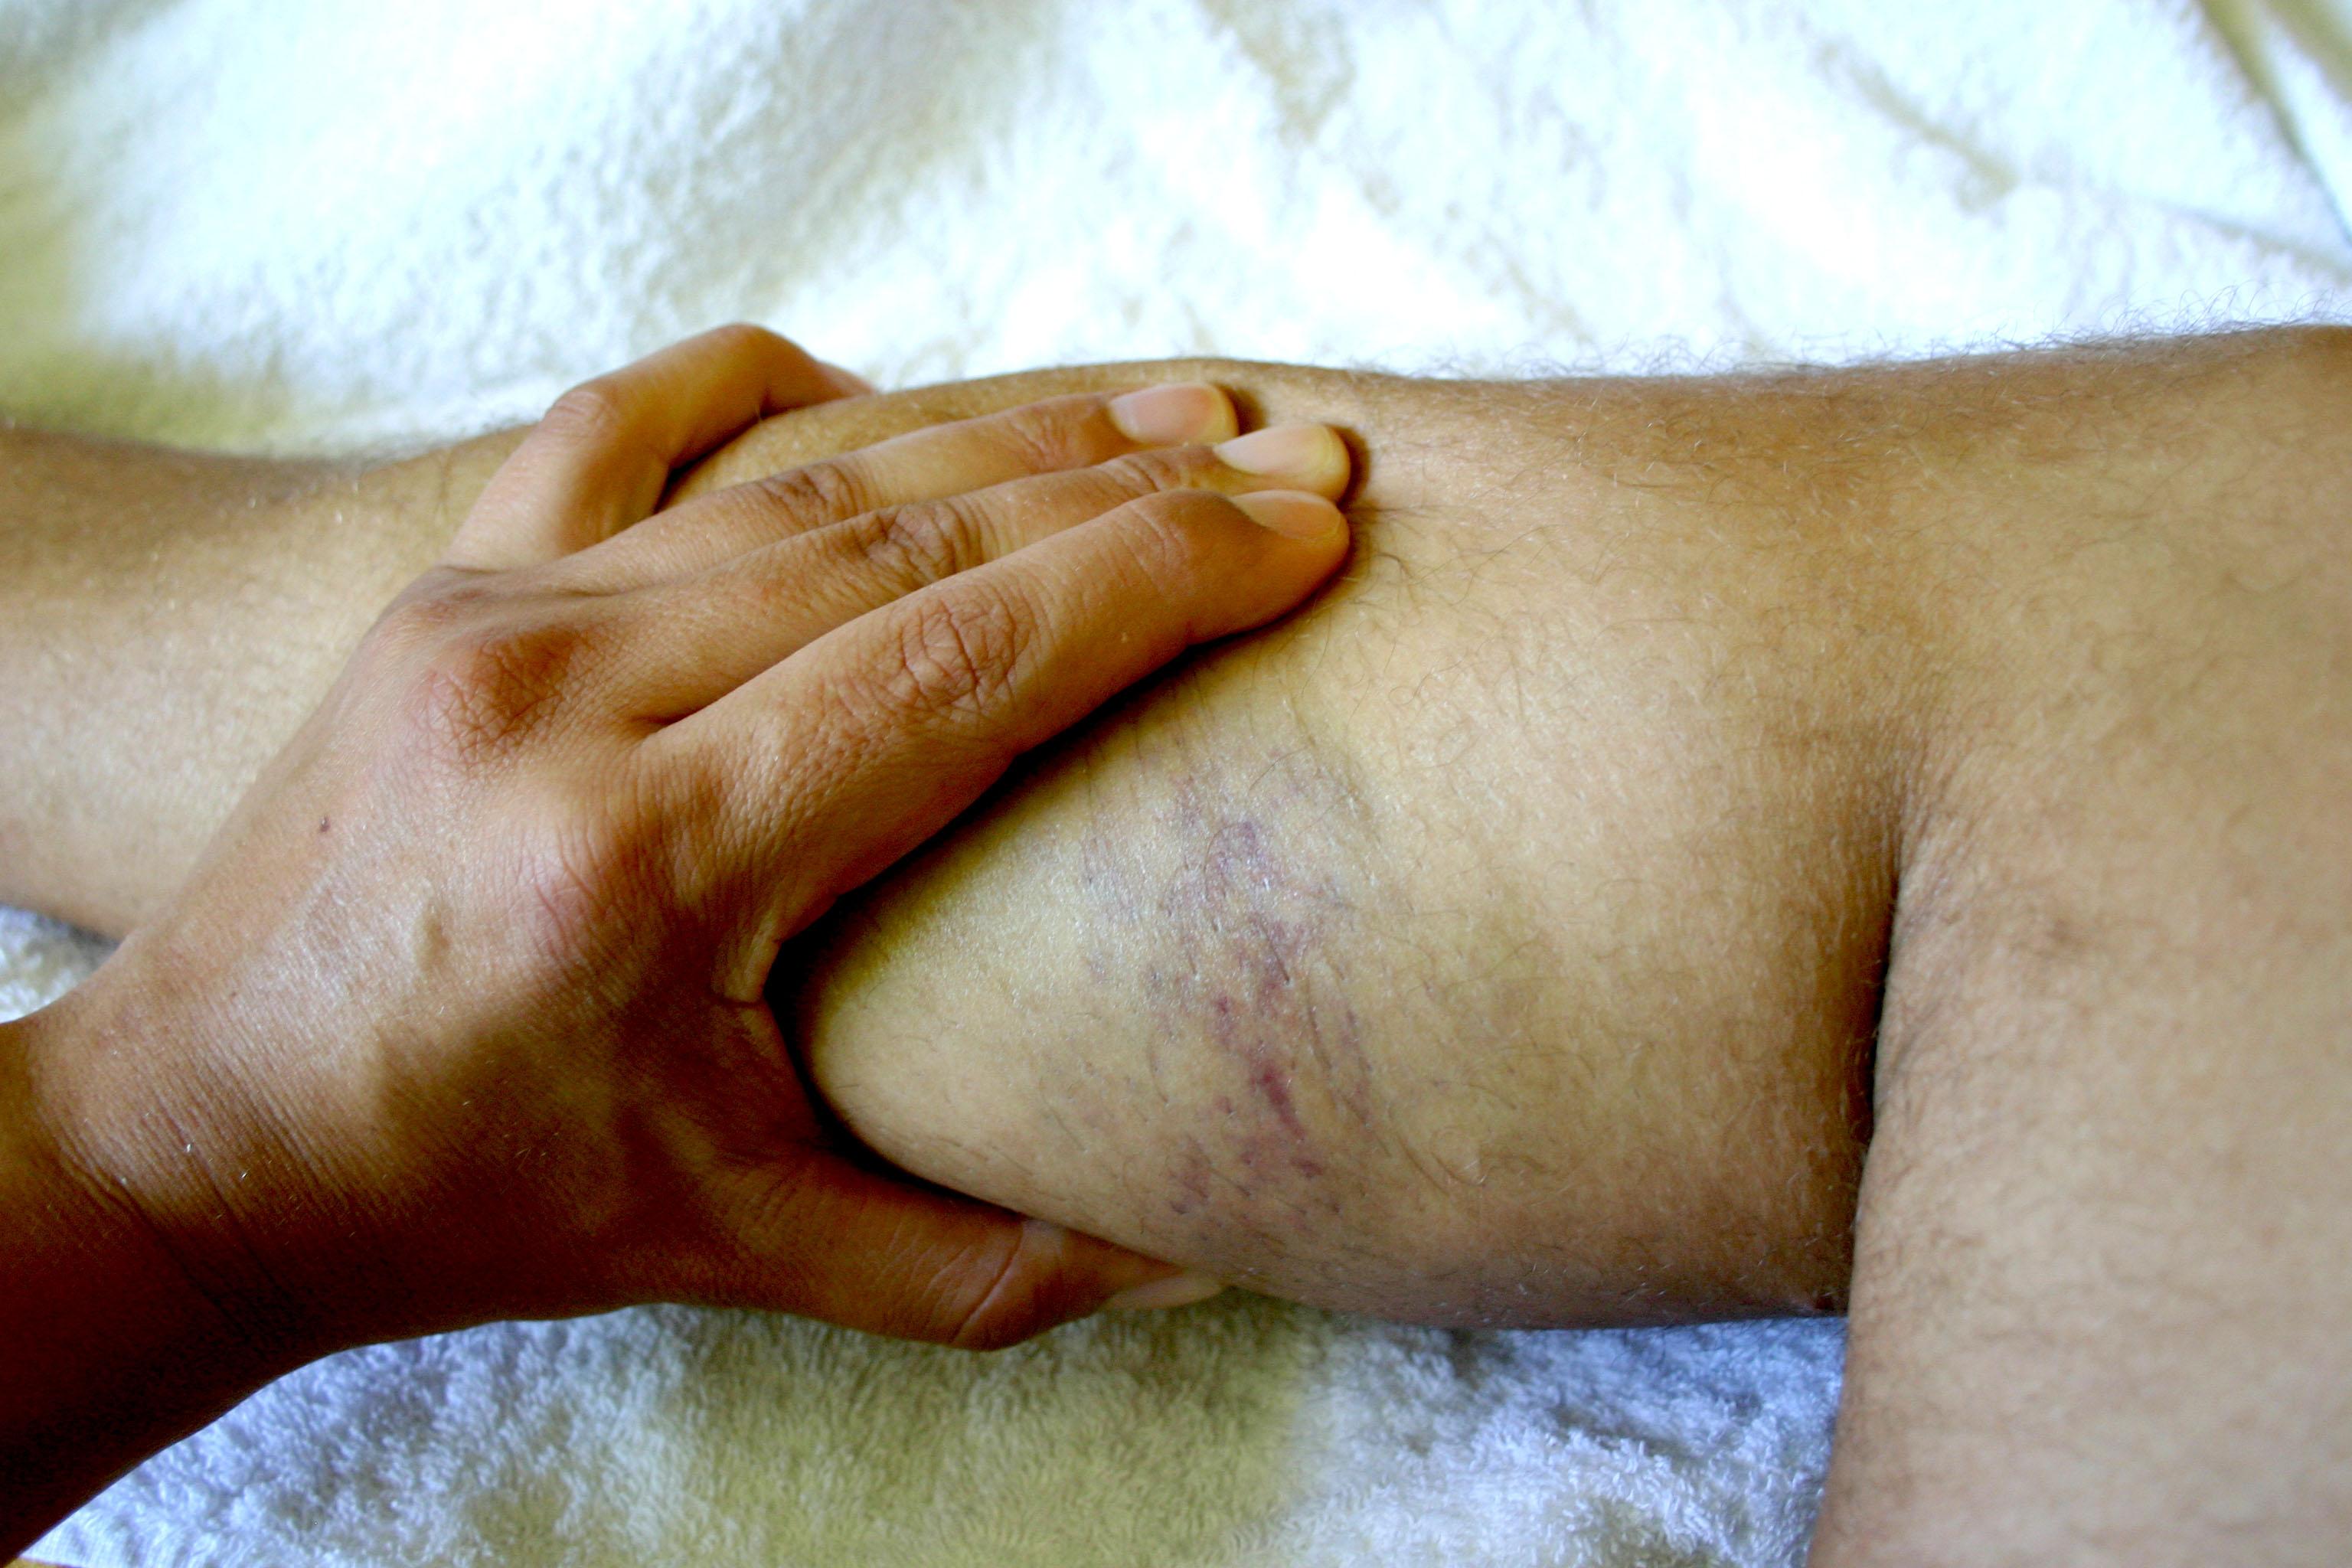 Oberschenkel im wie erkennt man muskelfaserriss einen Muskelfaserriss